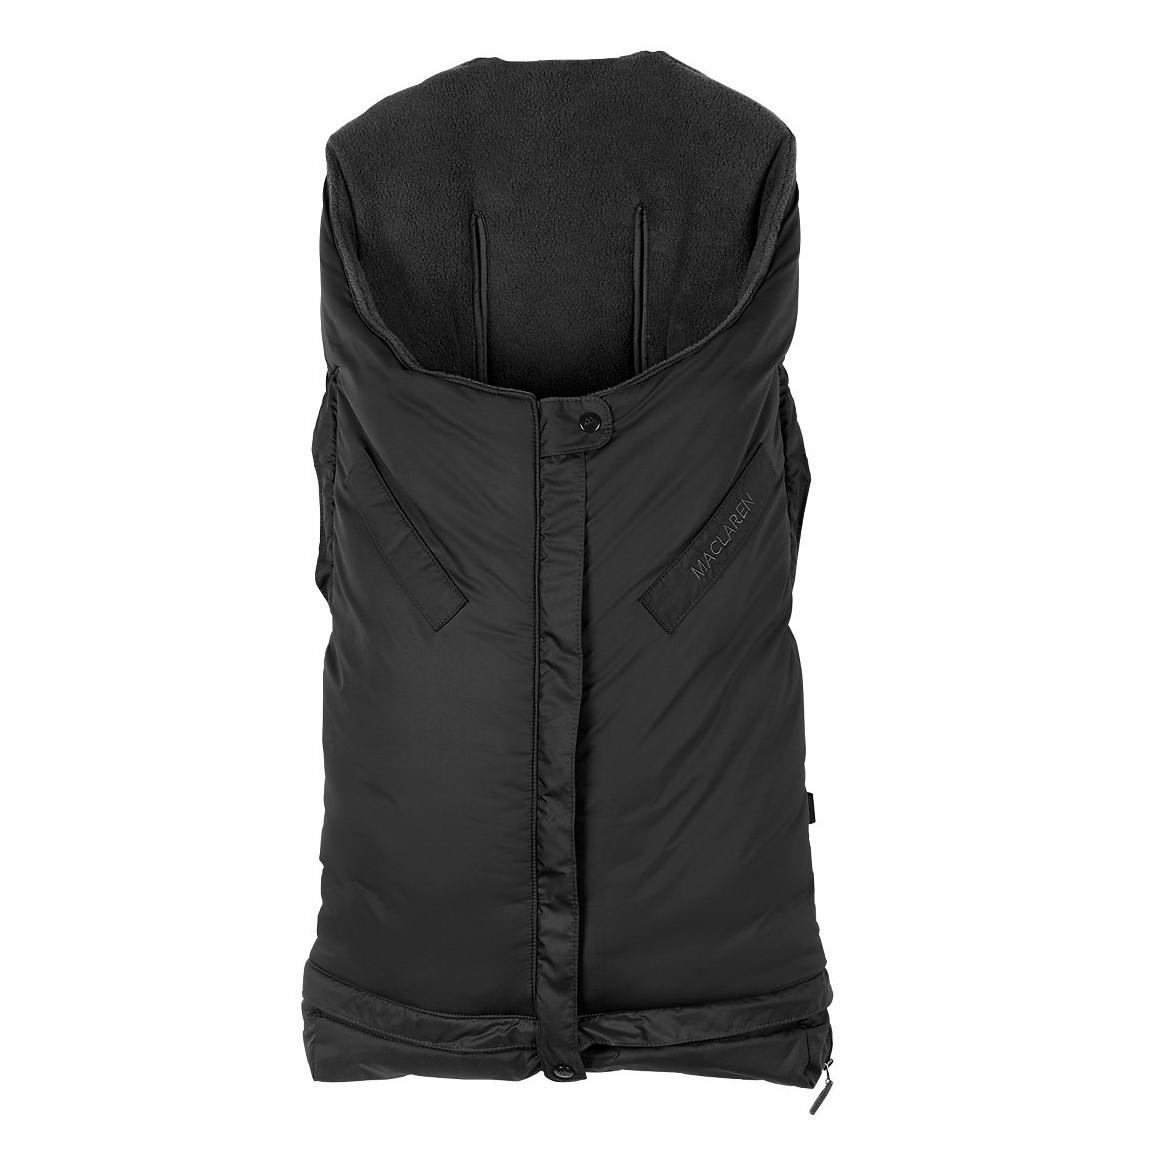 """Аксесуар до візка «Maclaren» (ASE09012) теплий конверт удлинняемый, колір """"Black"""" (чорний)"""